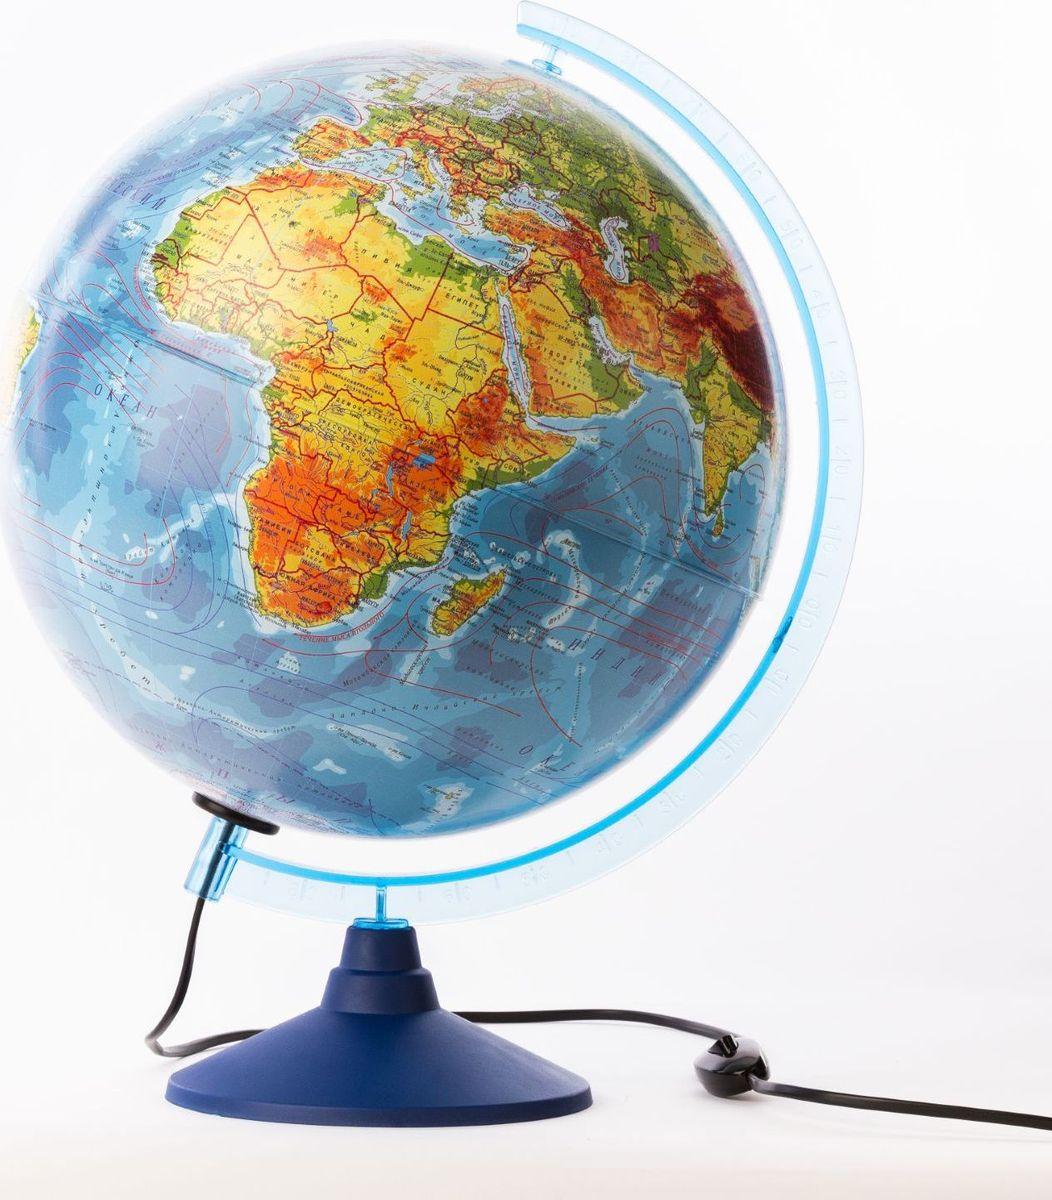 Глобен Глобус физико-политический Классик Евро с подсветкой диаметр 32 см1259362Глобус для всех, глобус каждому! Глобус — самый простой способ привить ребенку любовь к географии. Он является отличным наглядным примером, который способен в игровой доступной и понятной форме объяснить понятия о планете Земля. Также интерес к глобусам проявляют не только детки, но и взрослые. Для многих уменьшенная копия планеты заменяет атлас мира из-за своей доступности и универсальности. Умный подарок!Кому принято дарить глобусы? Всем! Глобус физико-политический Классик Евро, с подсветкой — это уменьшенная копия земного шара, в которой каждый найдет для себя что-то свое. Путешественники и заядлые туристы смогут отмечать с помощью стикеров те места, в которых побывали или собираются их посетить. Деловые и успешные люди оценят такой подарок по достоинству, потому что глобус ассоциируется со статусом и властью.Преподаватели, ученые, студенты или просто неординарные личности также найдут для глобуса достойное место в своем доме.Итак, спешите заказать настольные глобусы в нашем интернет-магазине по привлекательным ценам, и помните, кто владеет глобусом, тот владеет миром!